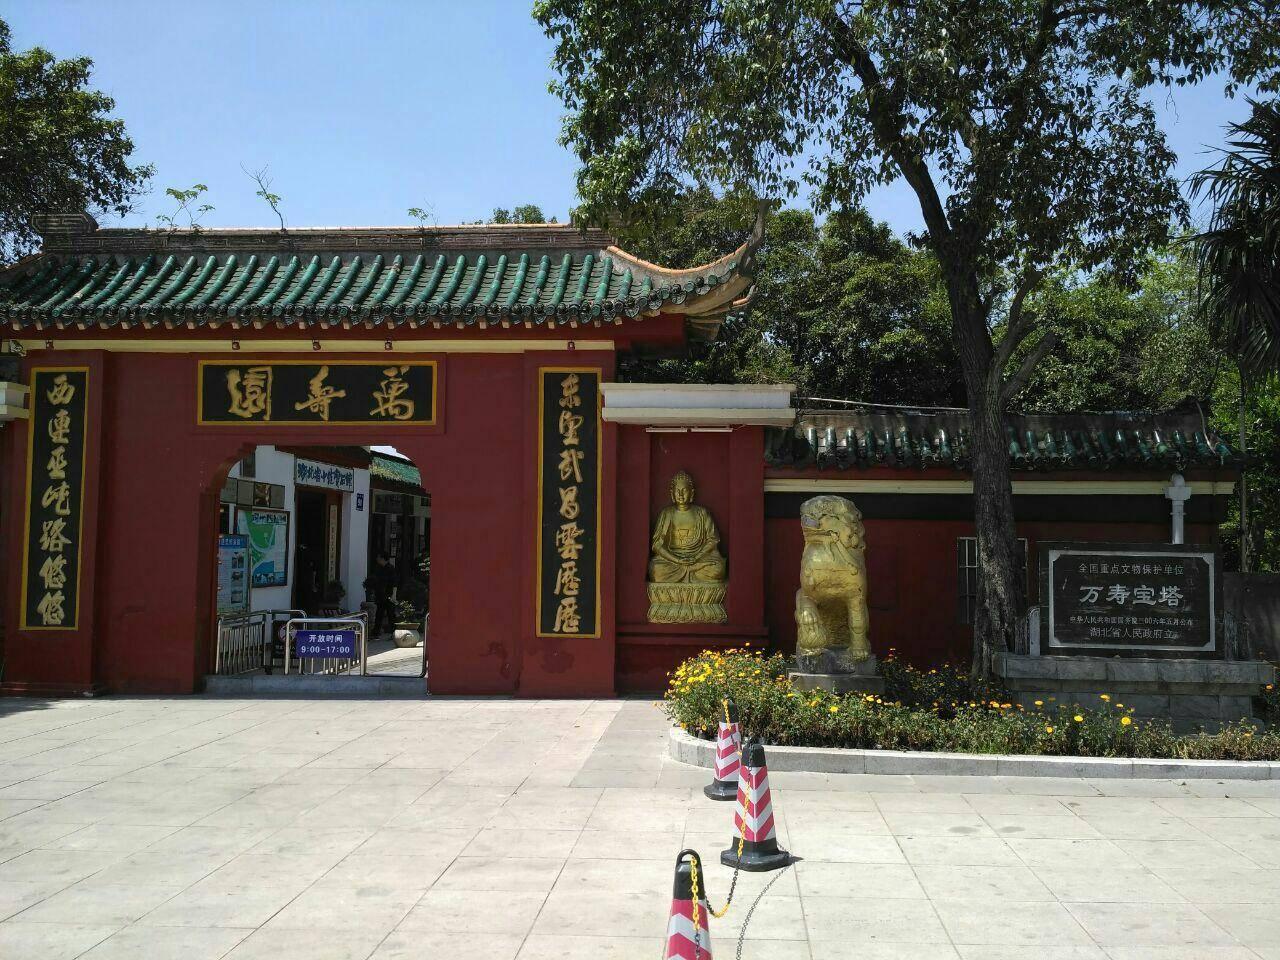 原创             湖北三大丛林之一,整座寺庙布局结构是宫廷式建筑格局